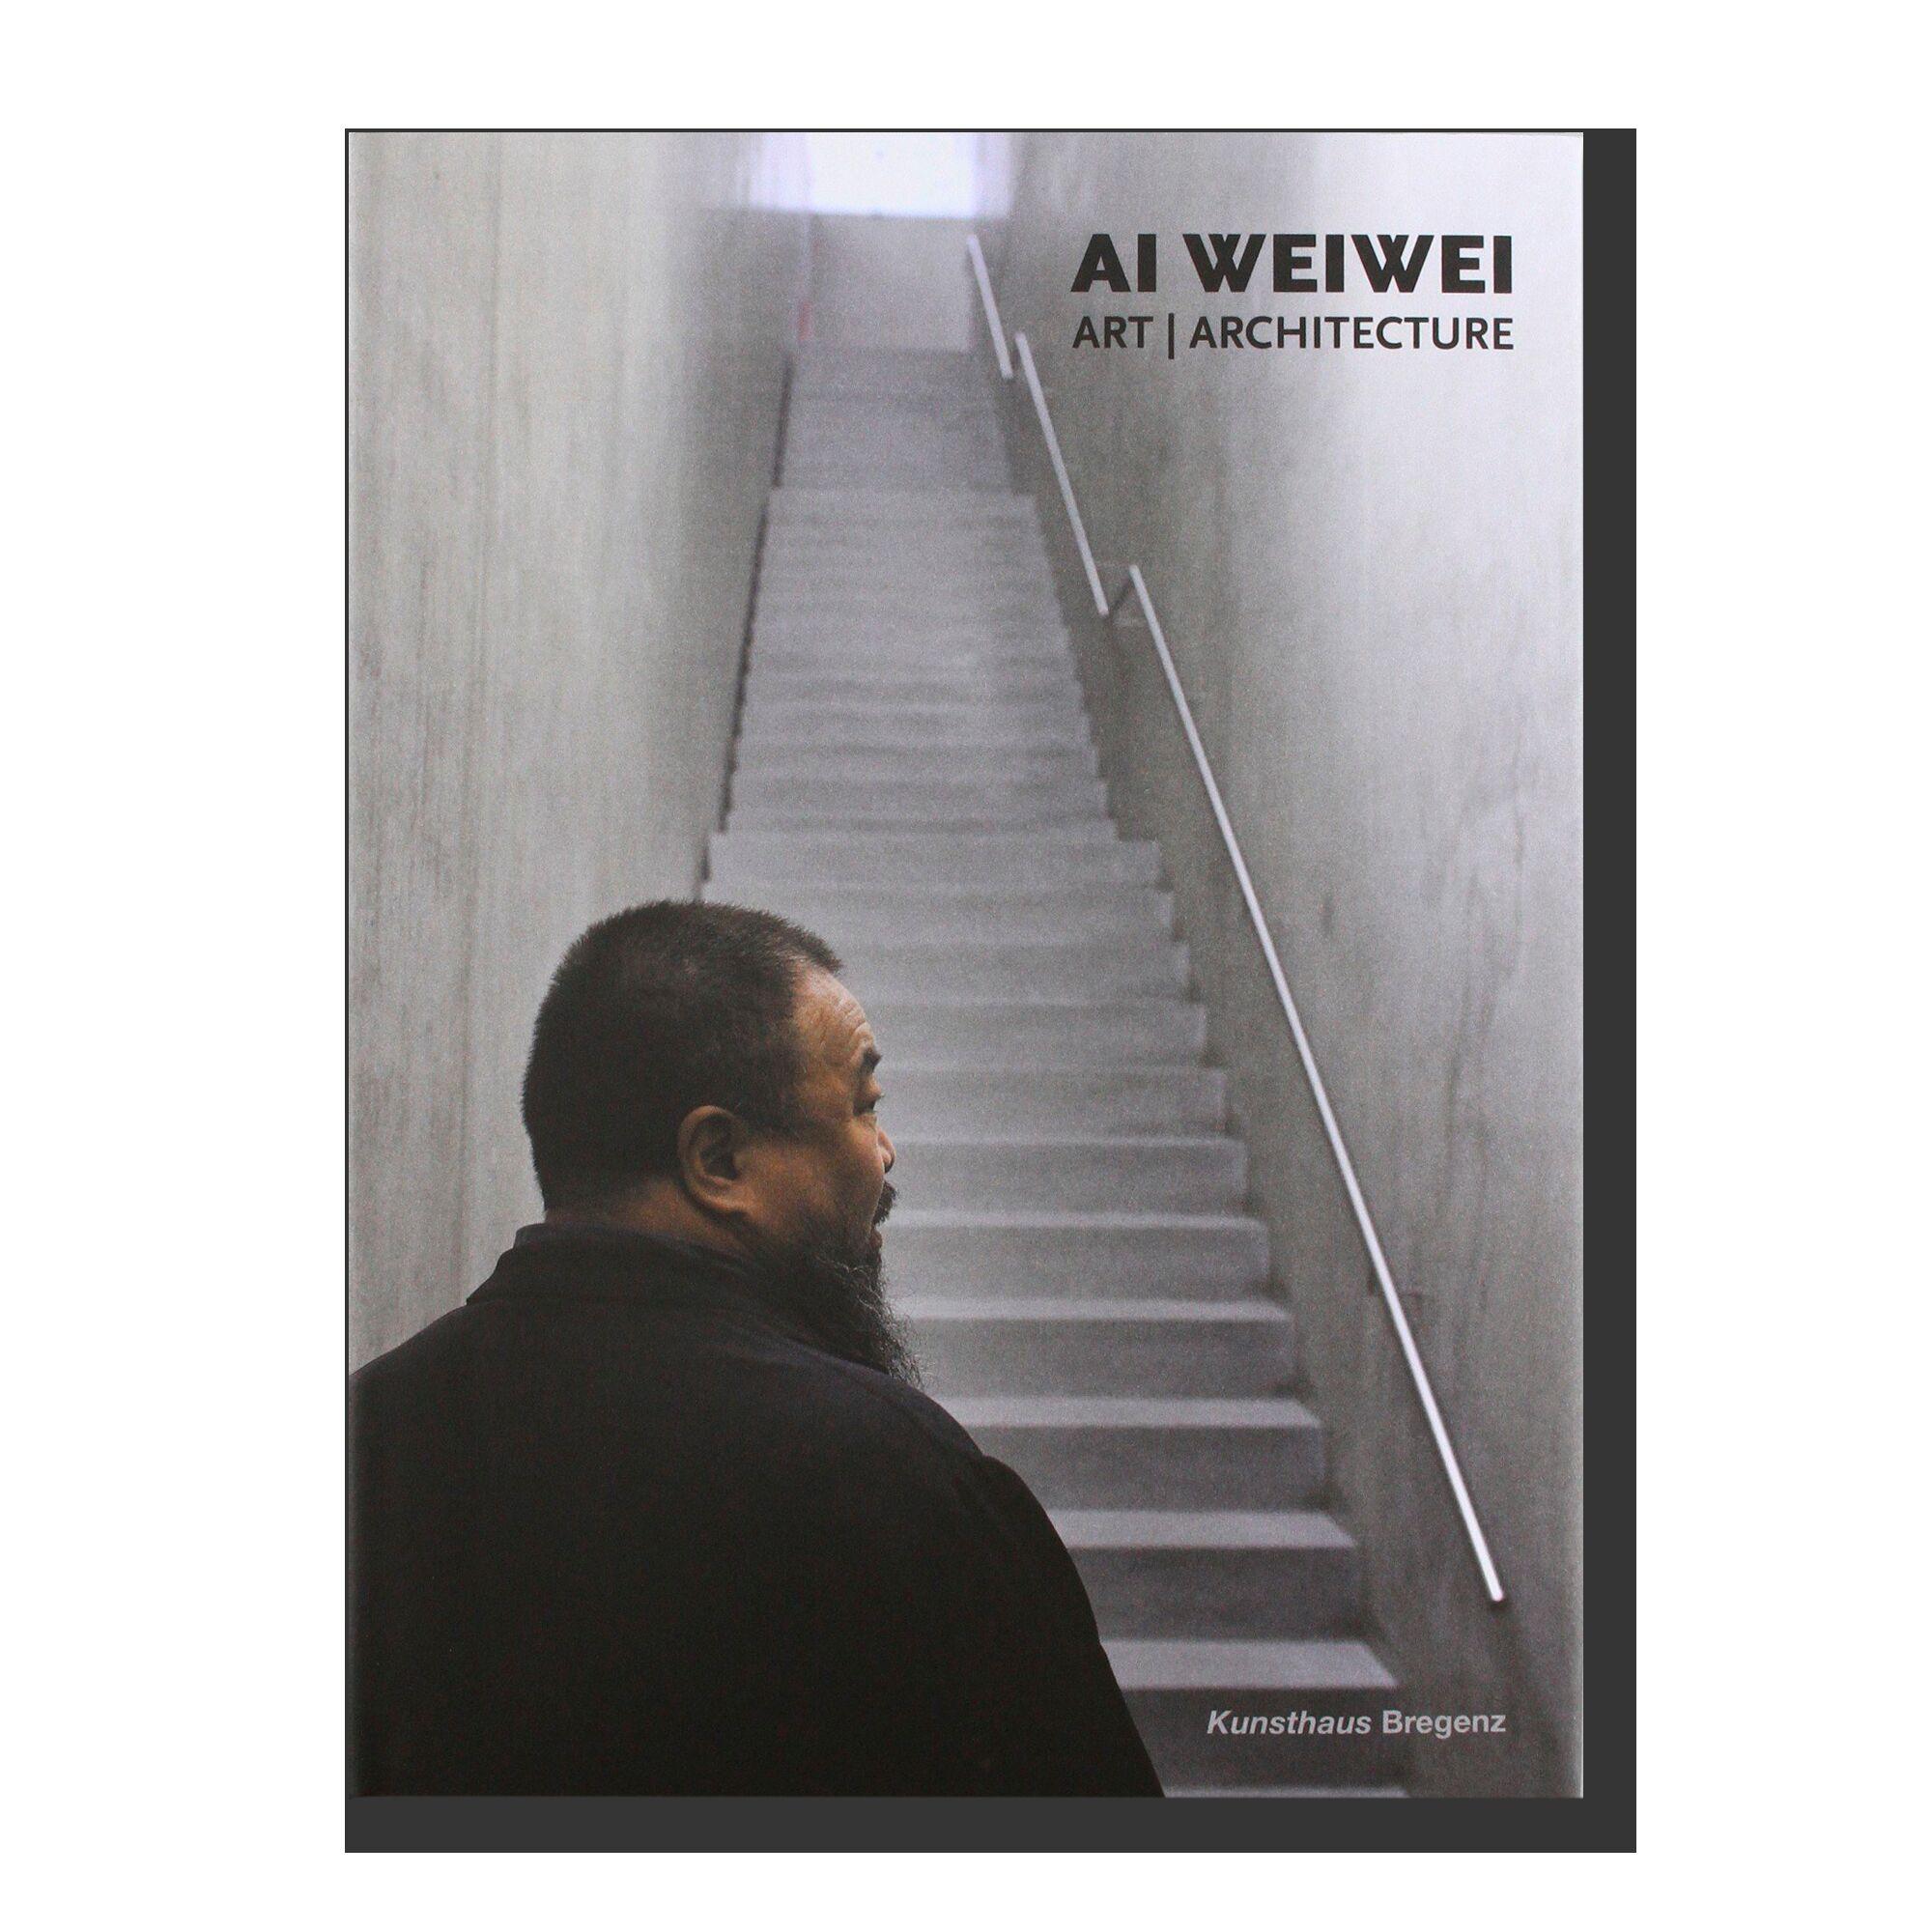 Ai Weiwei: Art/Architecture